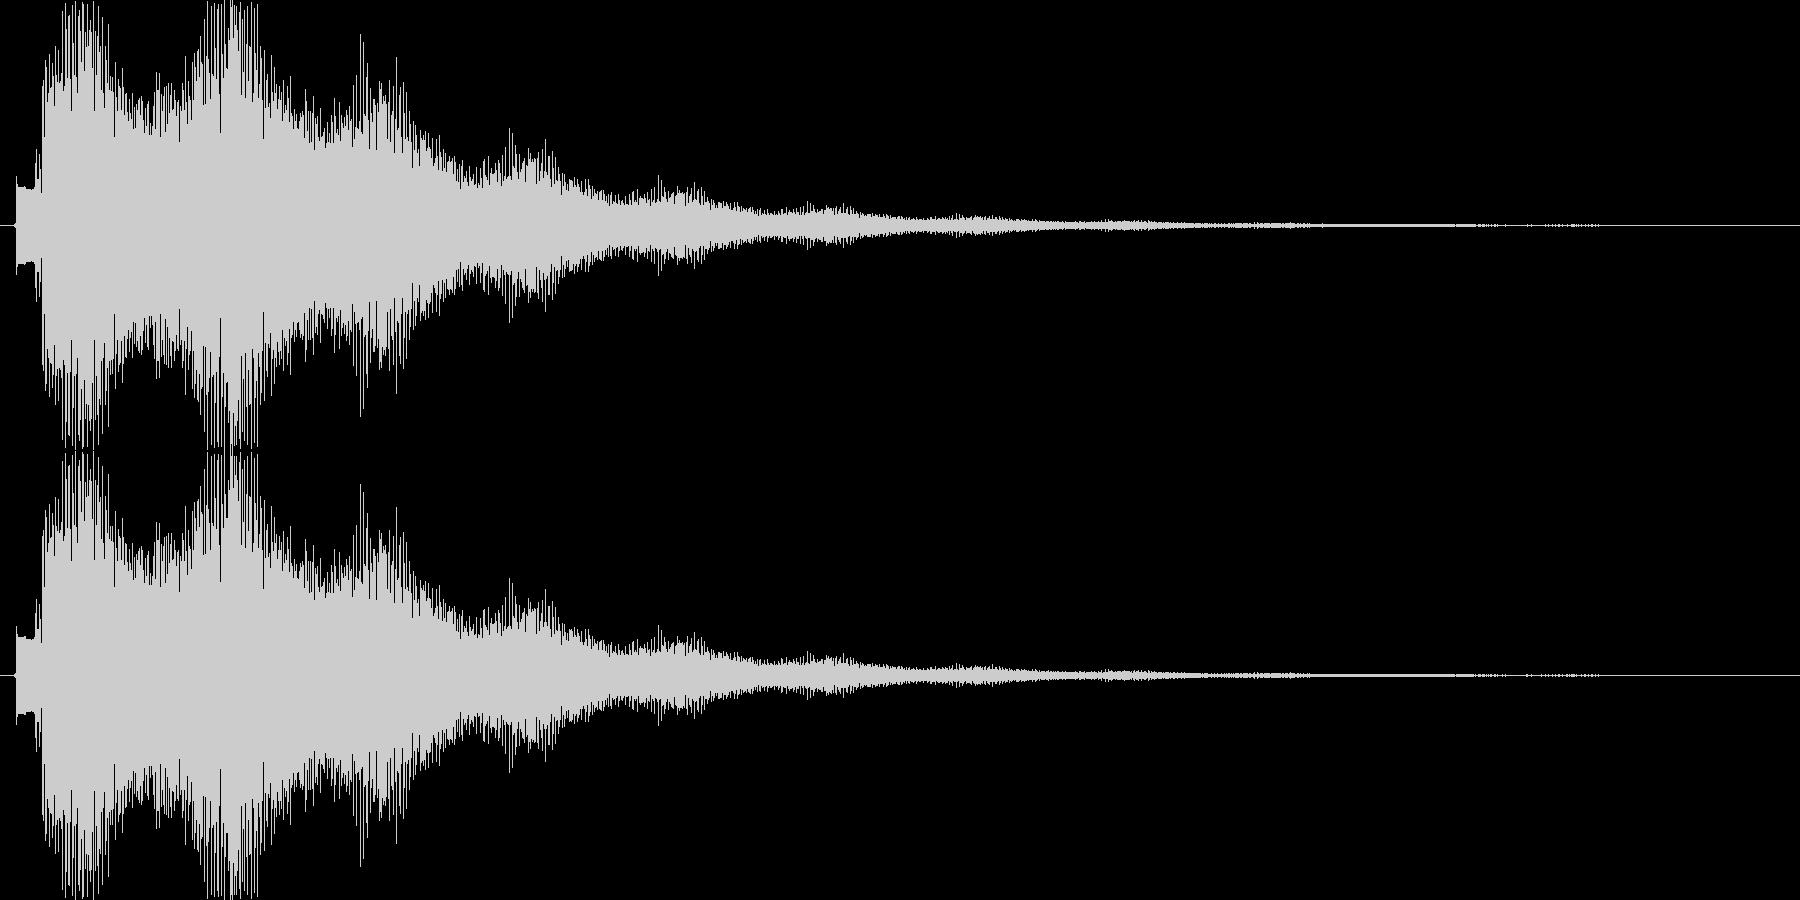 キラーンキラーン…(キラキラ、決定音)の未再生の波形